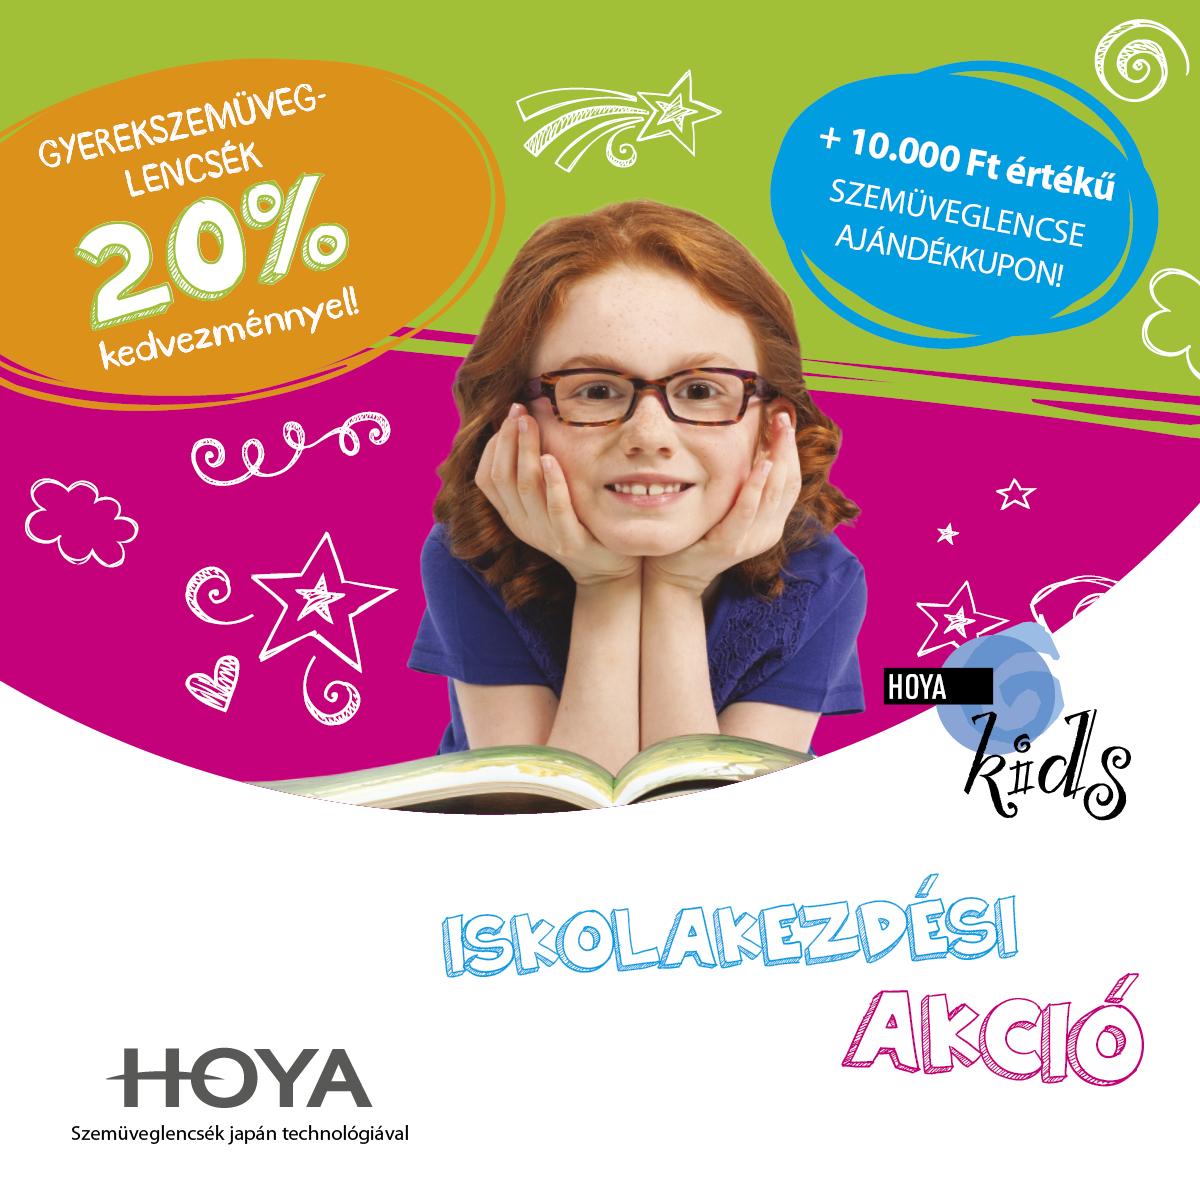 Gyermekszemüveg lencse akció + ajándék 10.000 Ft értékű kupon 892591f97a